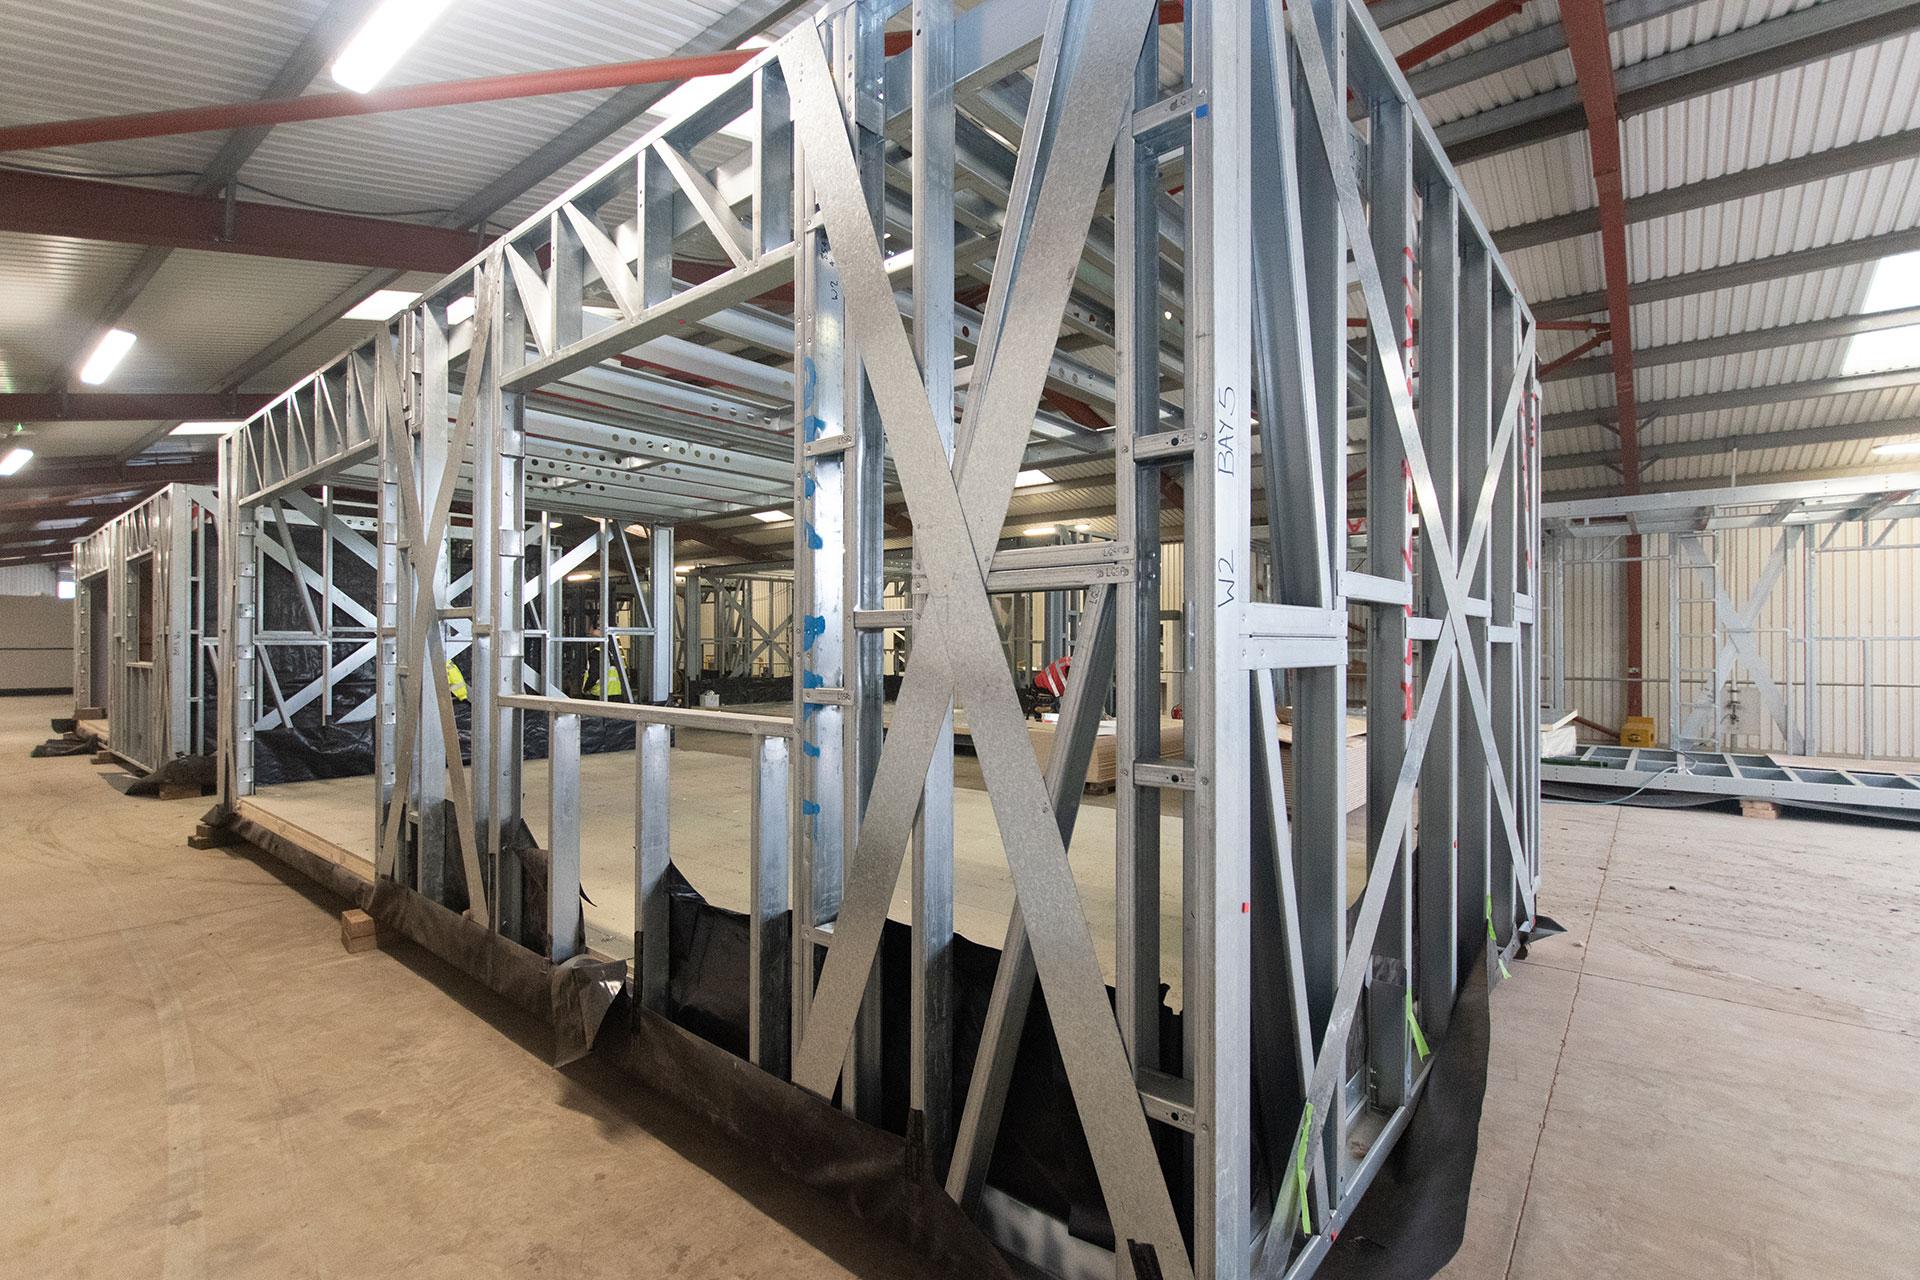 Housing 21 retirement living Modular Bungalows - Modular light gauge steel frame - Ward Court